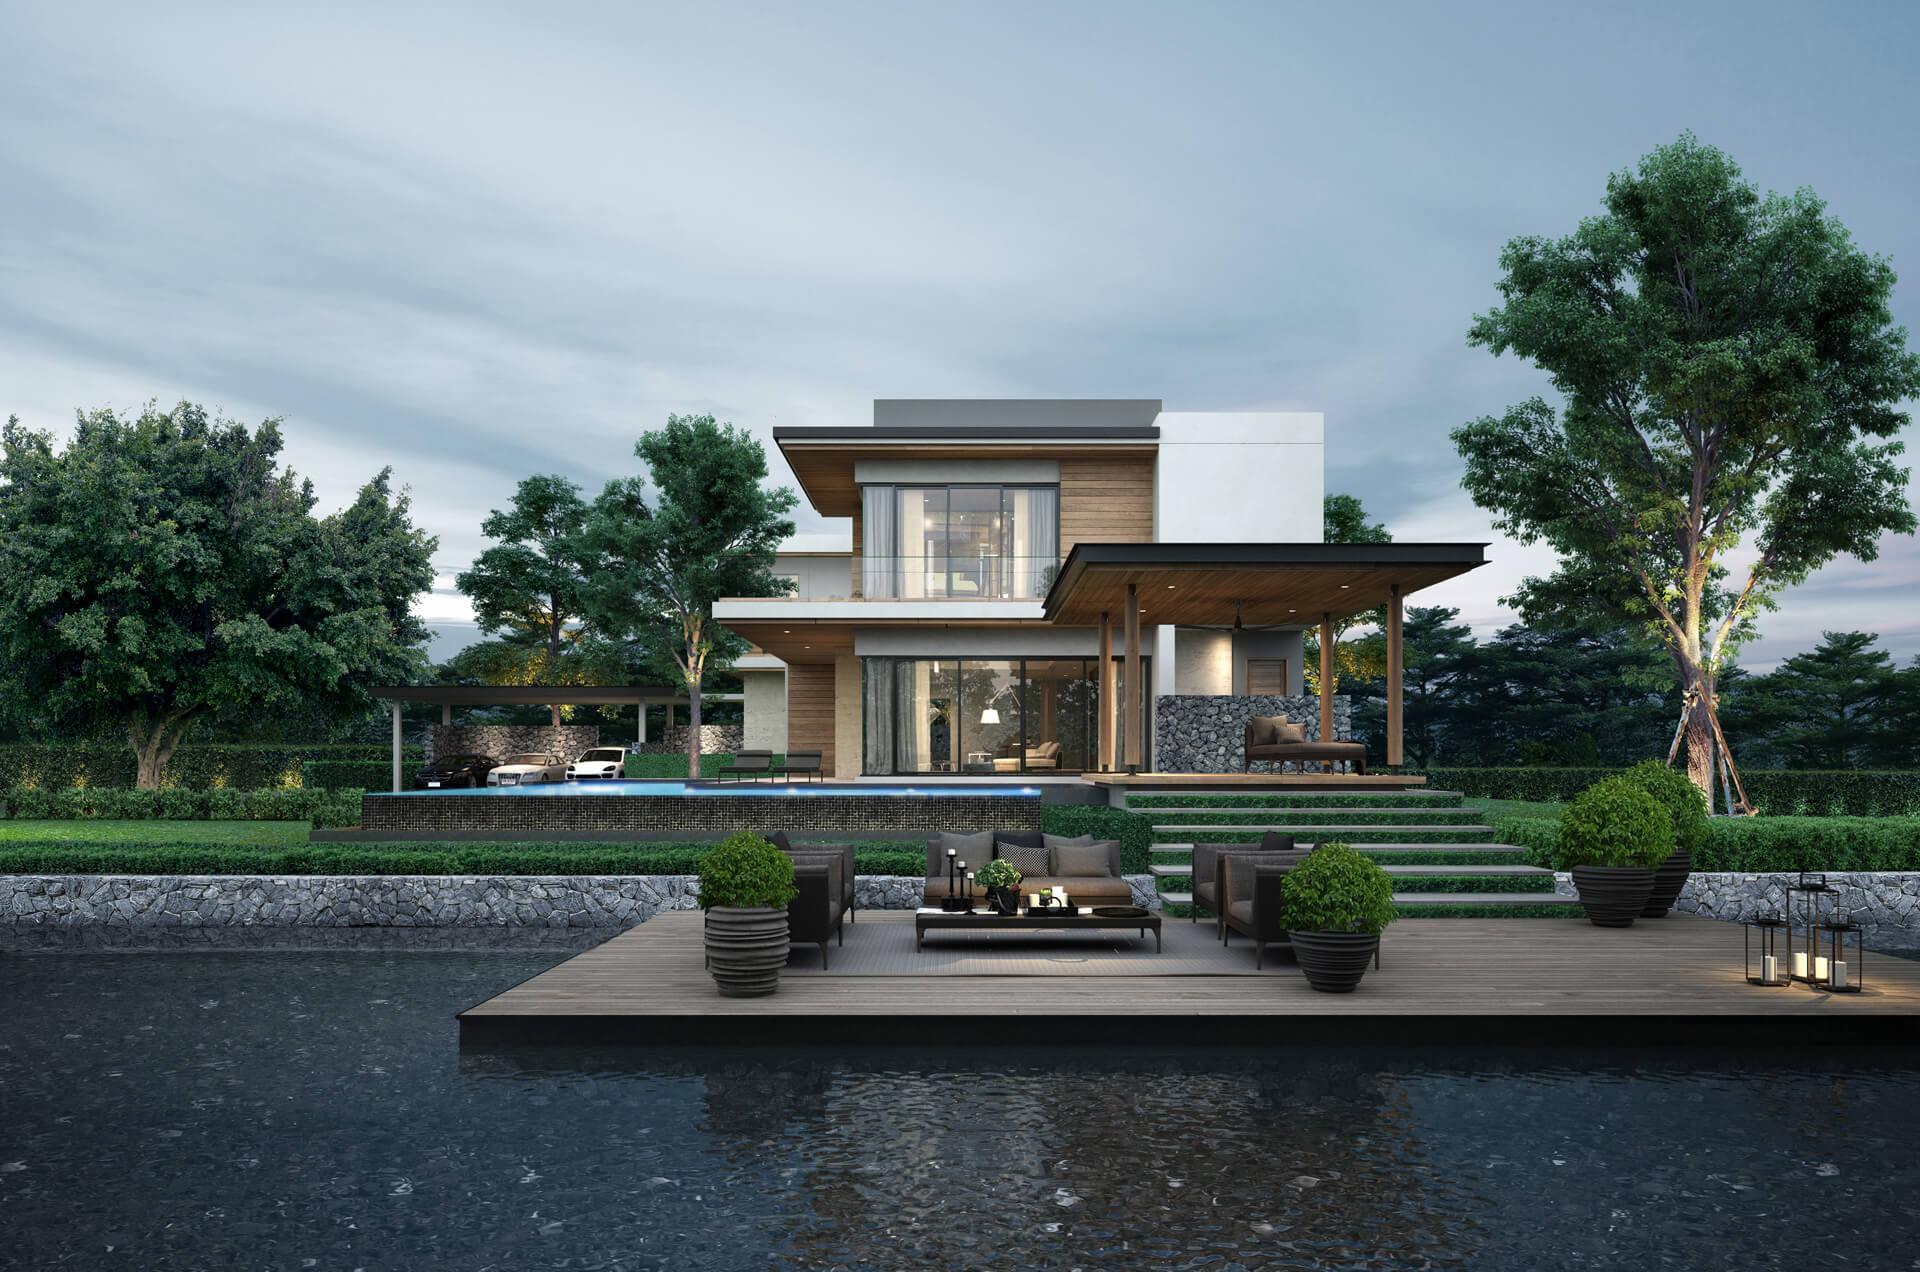 บริษัทรับสร้างบ้านที่ไหนดี